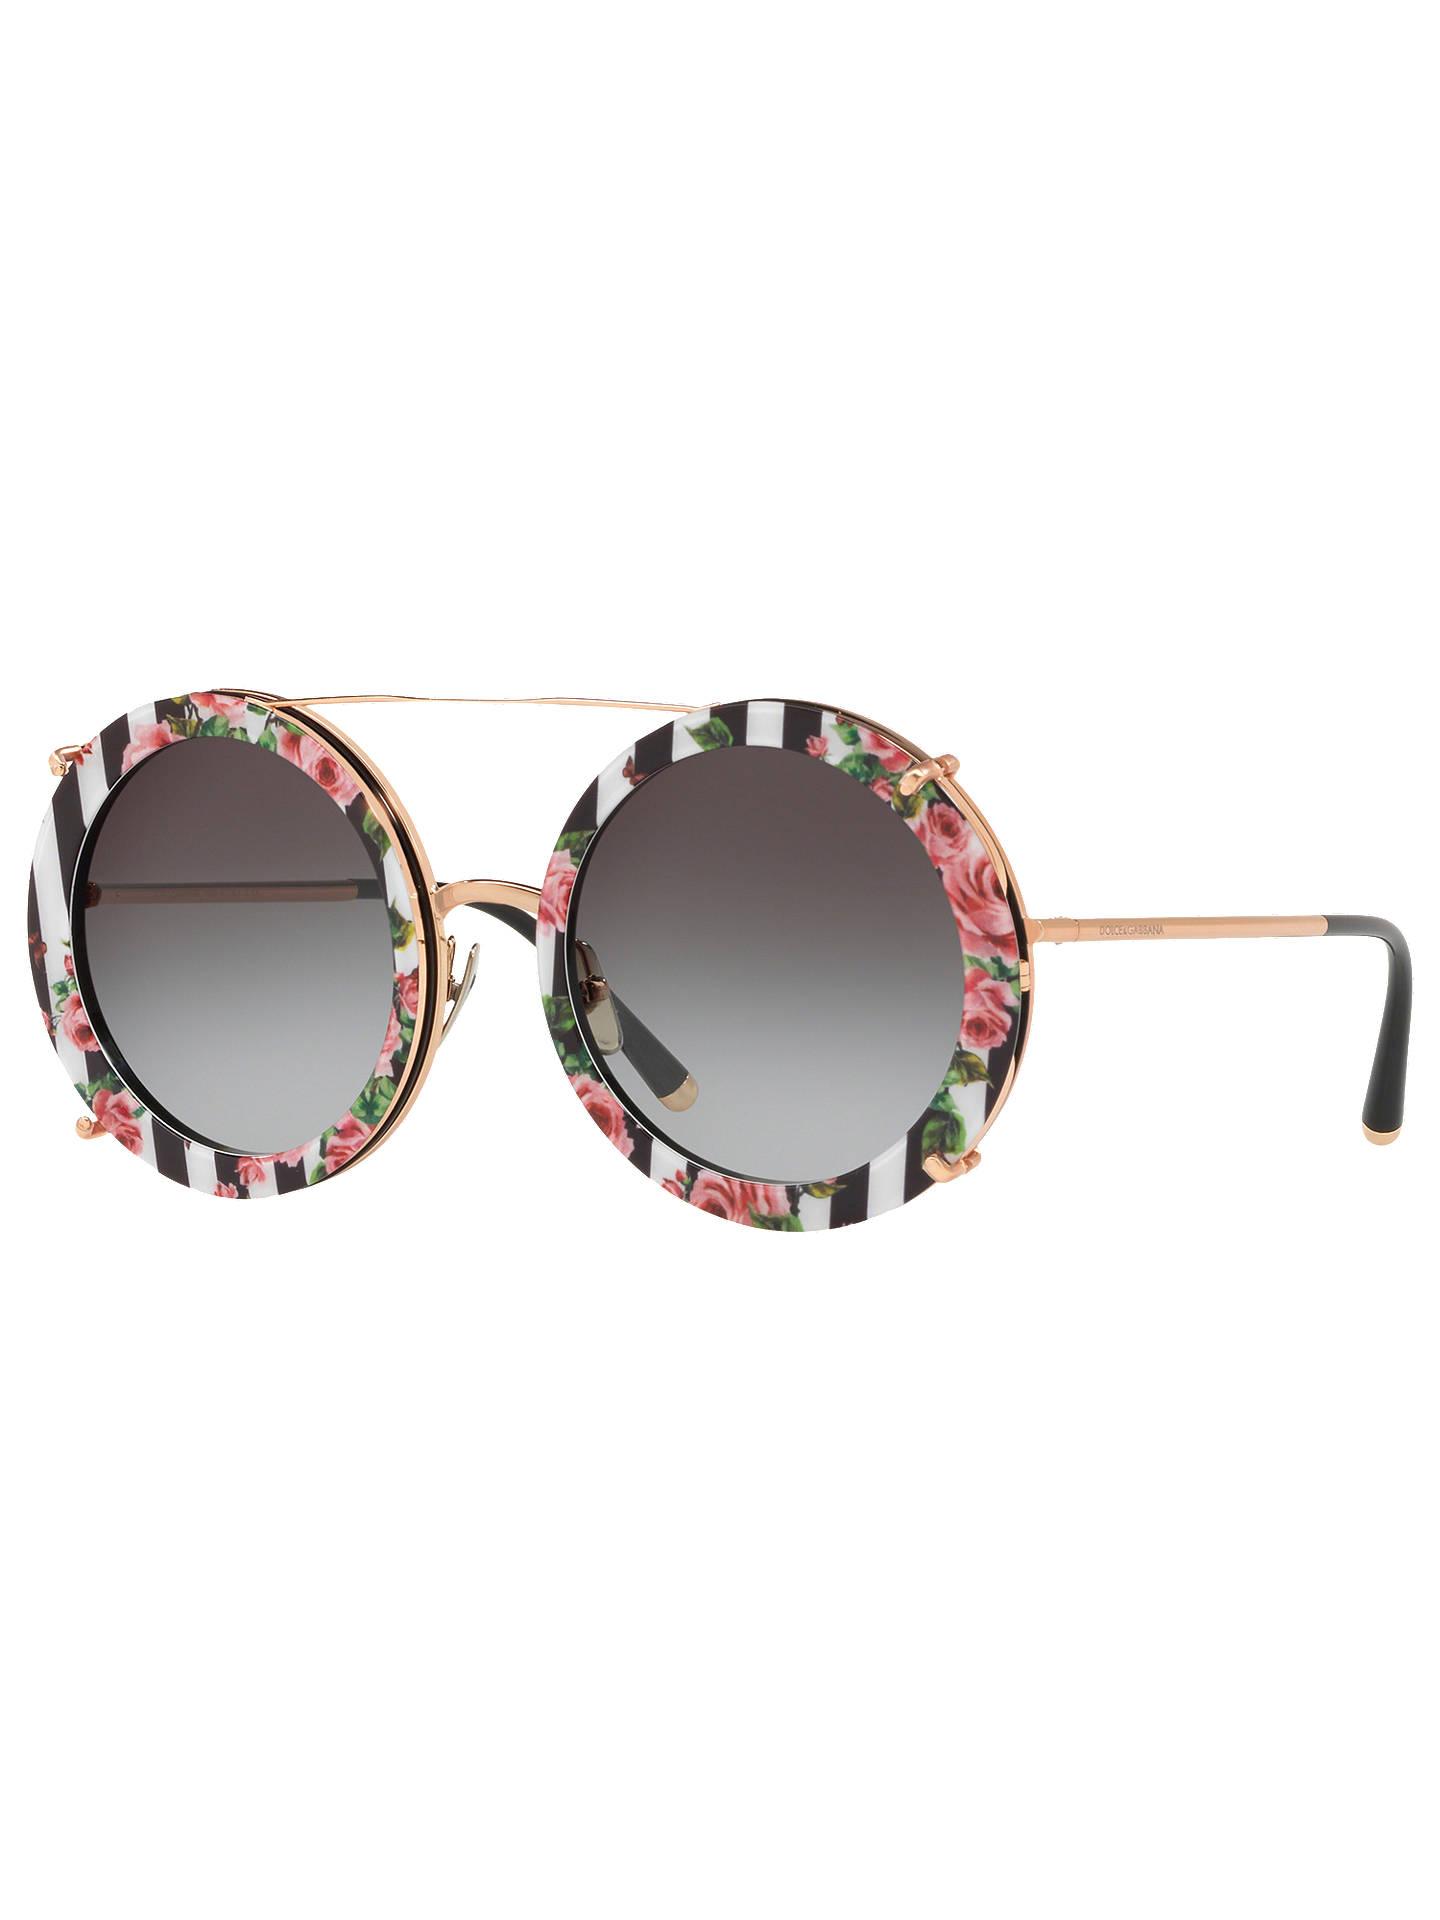 589e0557b4c8 Buy Dolce   Gabbana DG2198 Women s Round Sunglasses